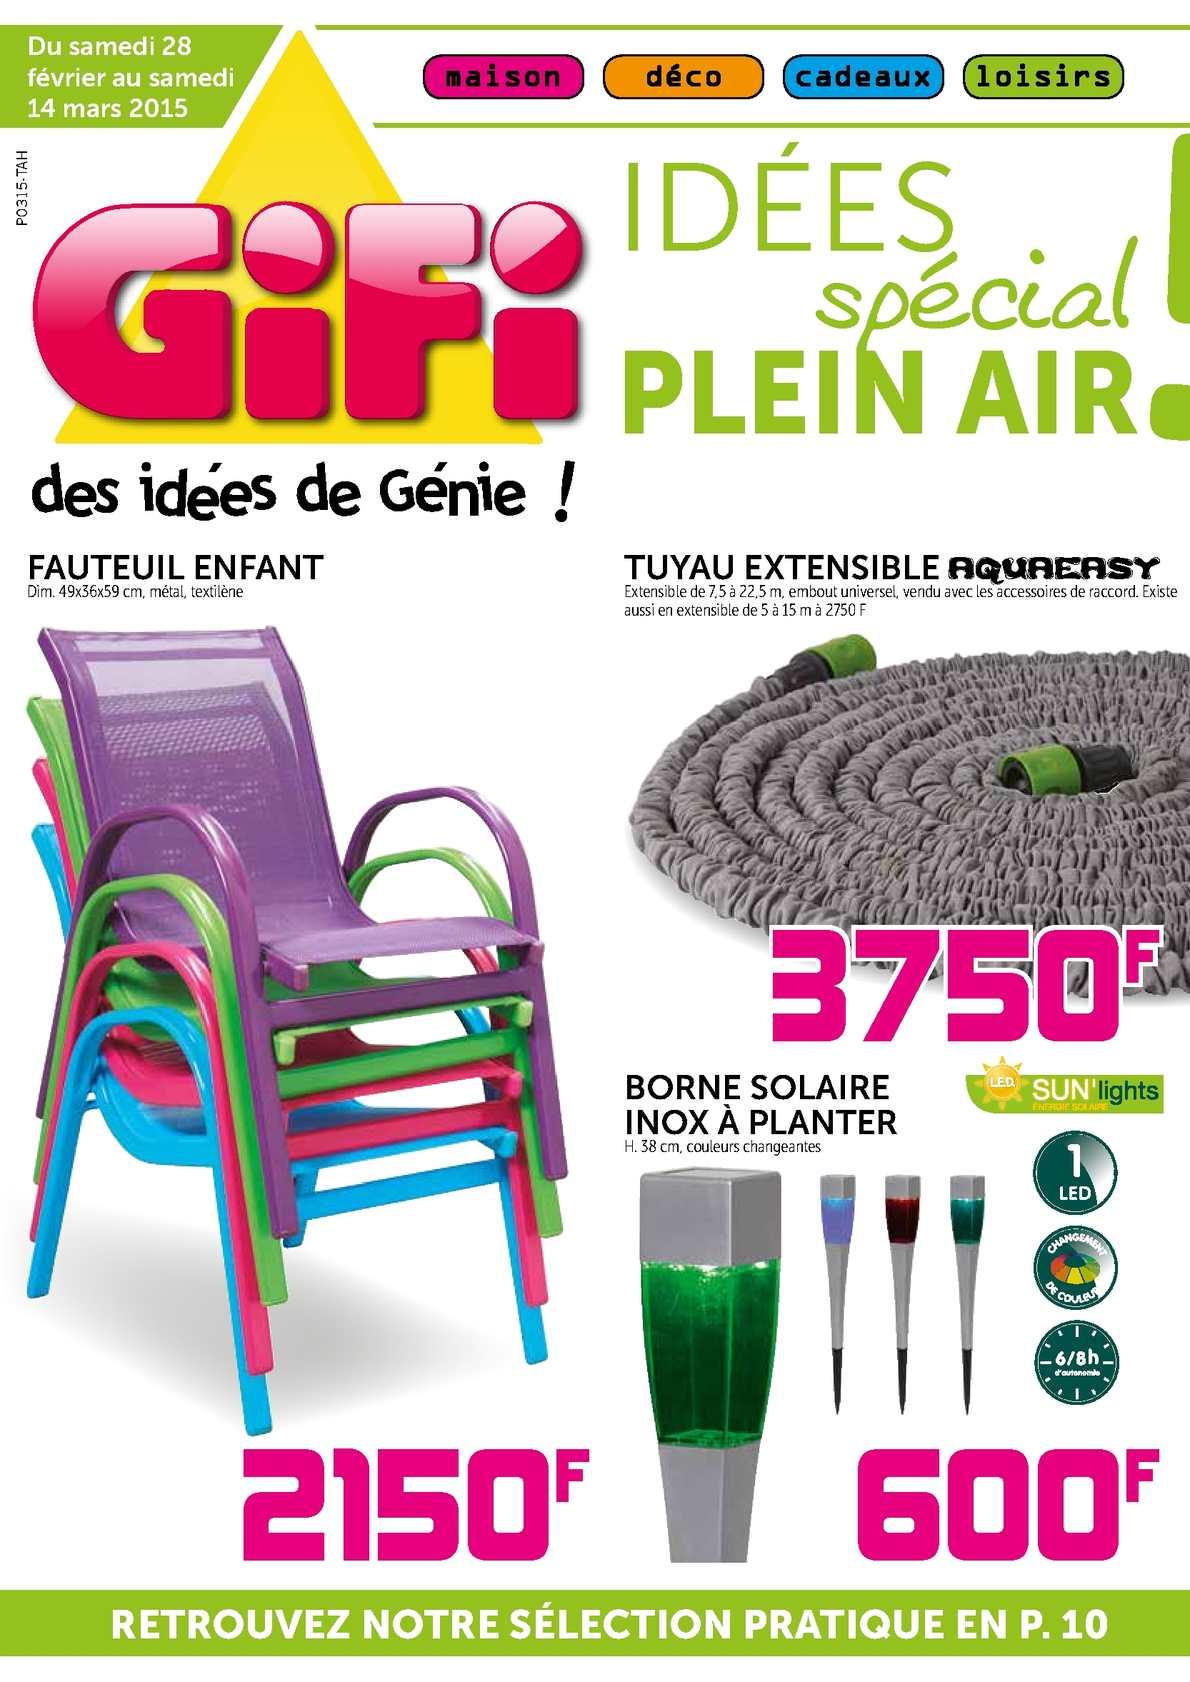 top housse de parasol gifi with housse de parasol gifi. Black Bedroom Furniture Sets. Home Design Ideas